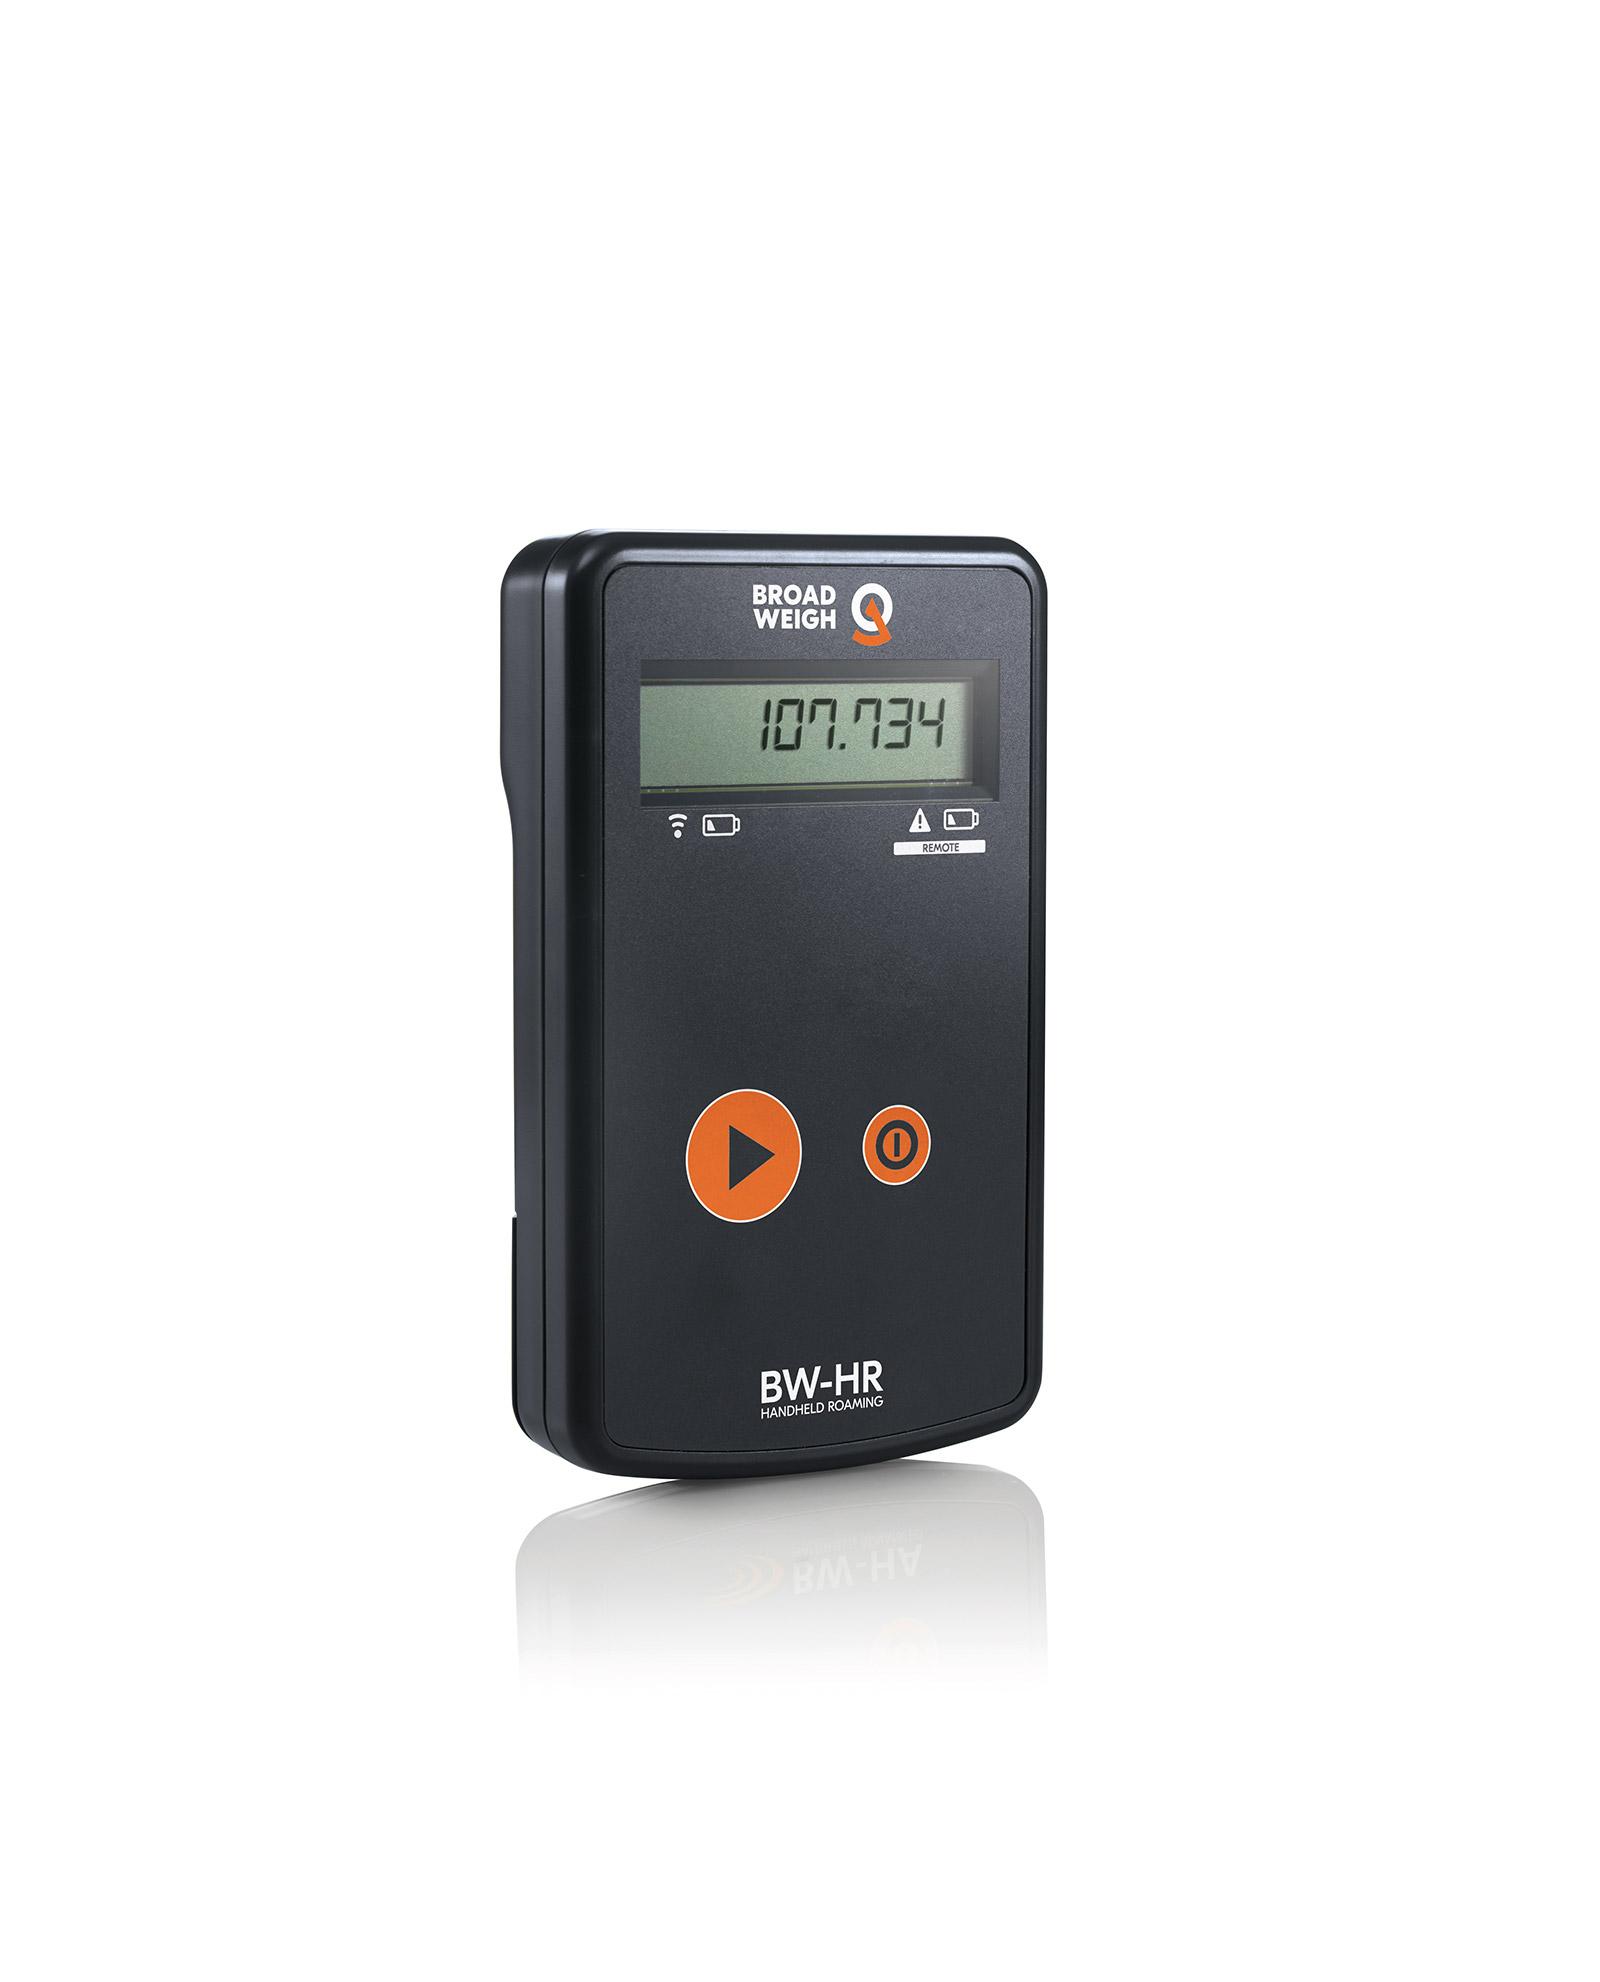 Broadweigh Bw Hr Wireless Handheld Device